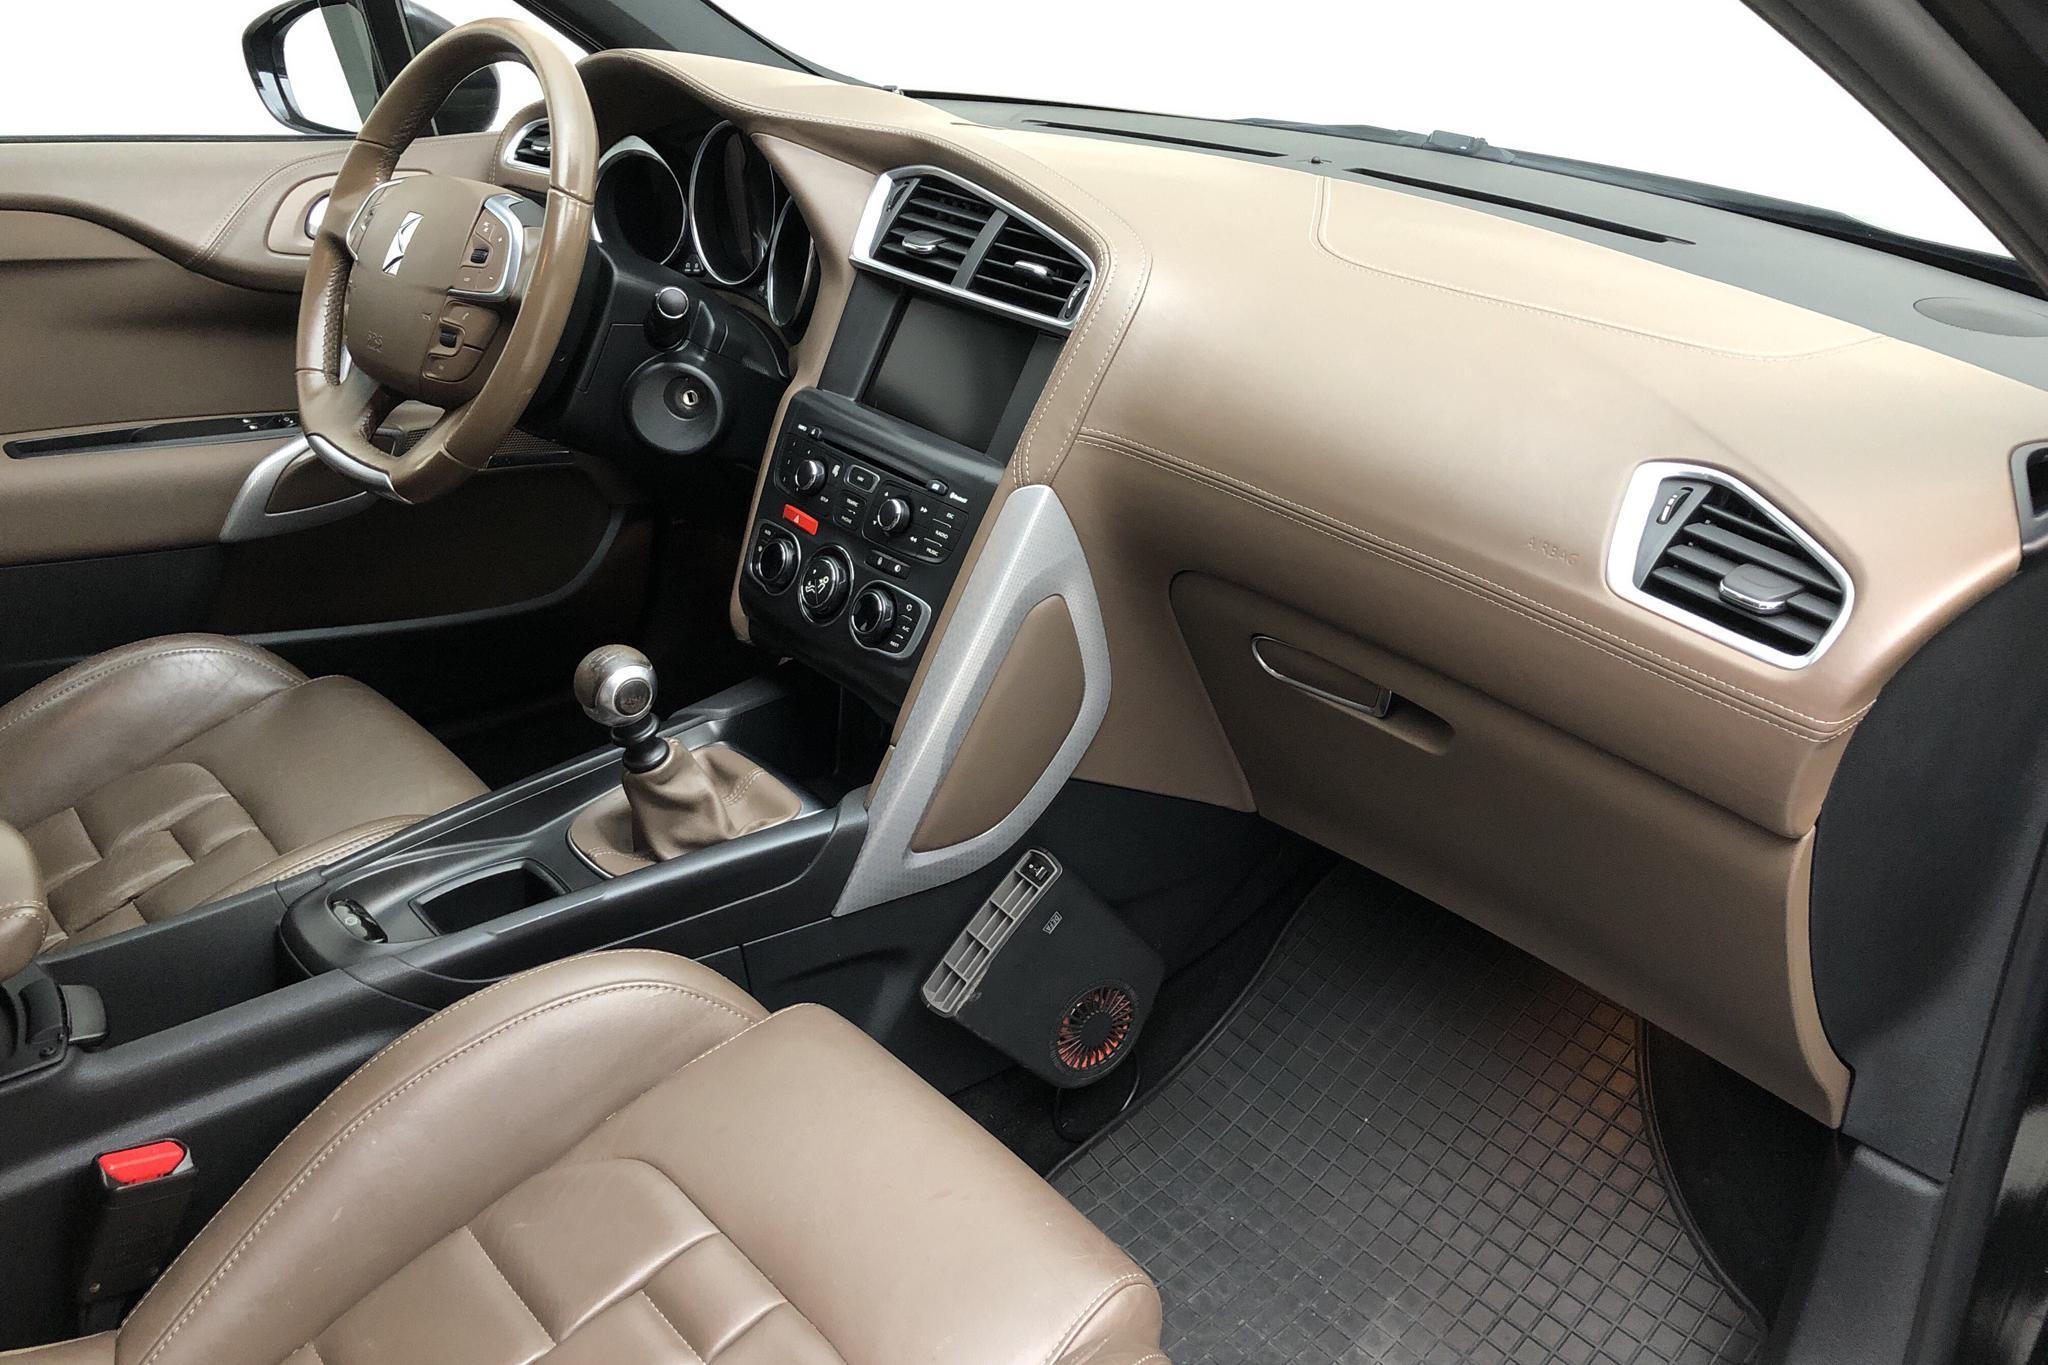 Citroen DS4 1.6 THP (200hk) - 146 340 km - Manual - black - 2011